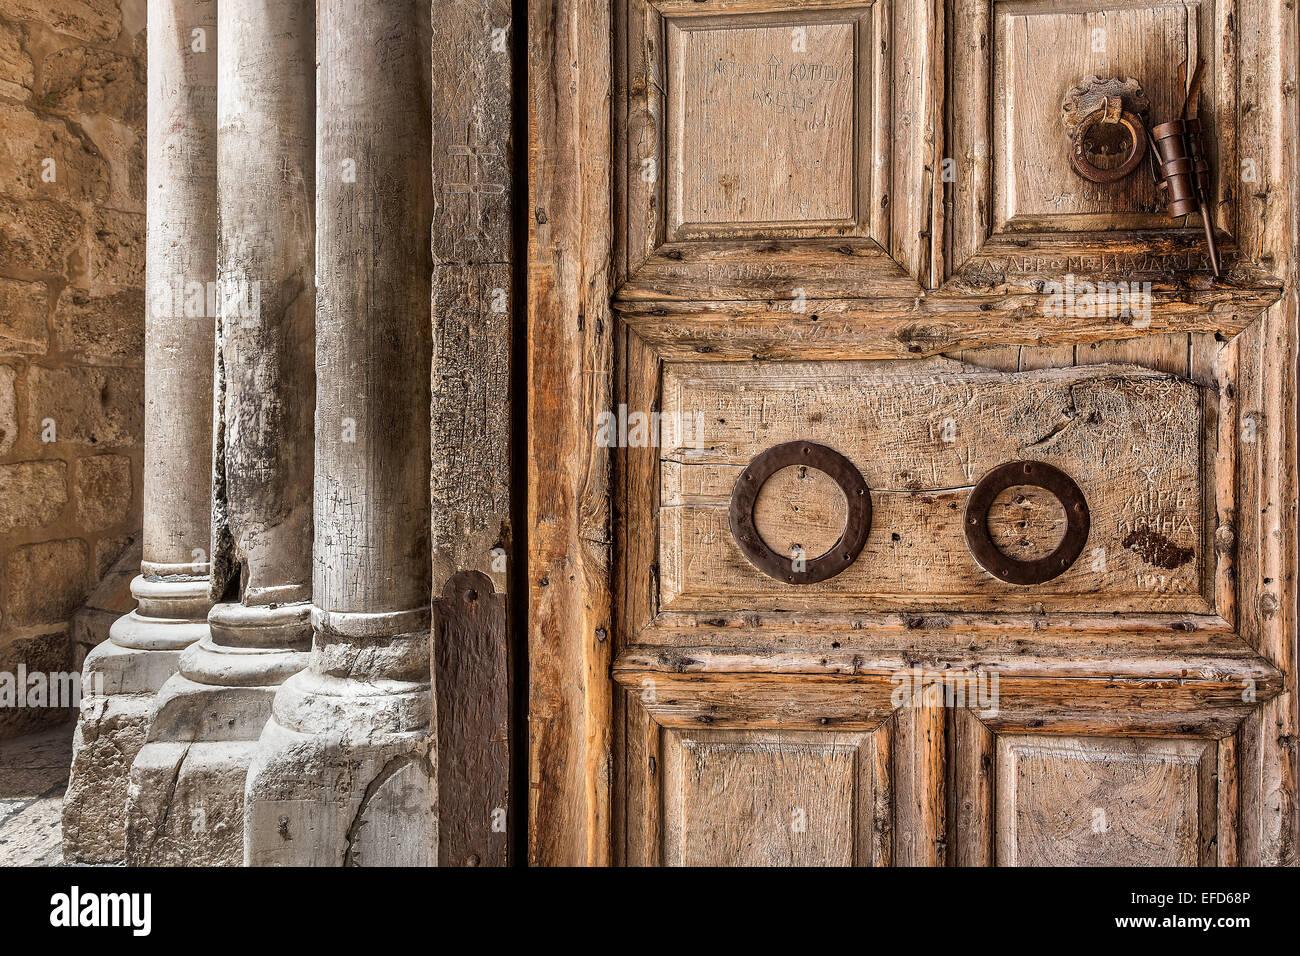 La antigua puerta de madera y pilares de mármol en la entrada a la Iglesia del Santo Sepulcro en Jerusalén, Imagen De Stock